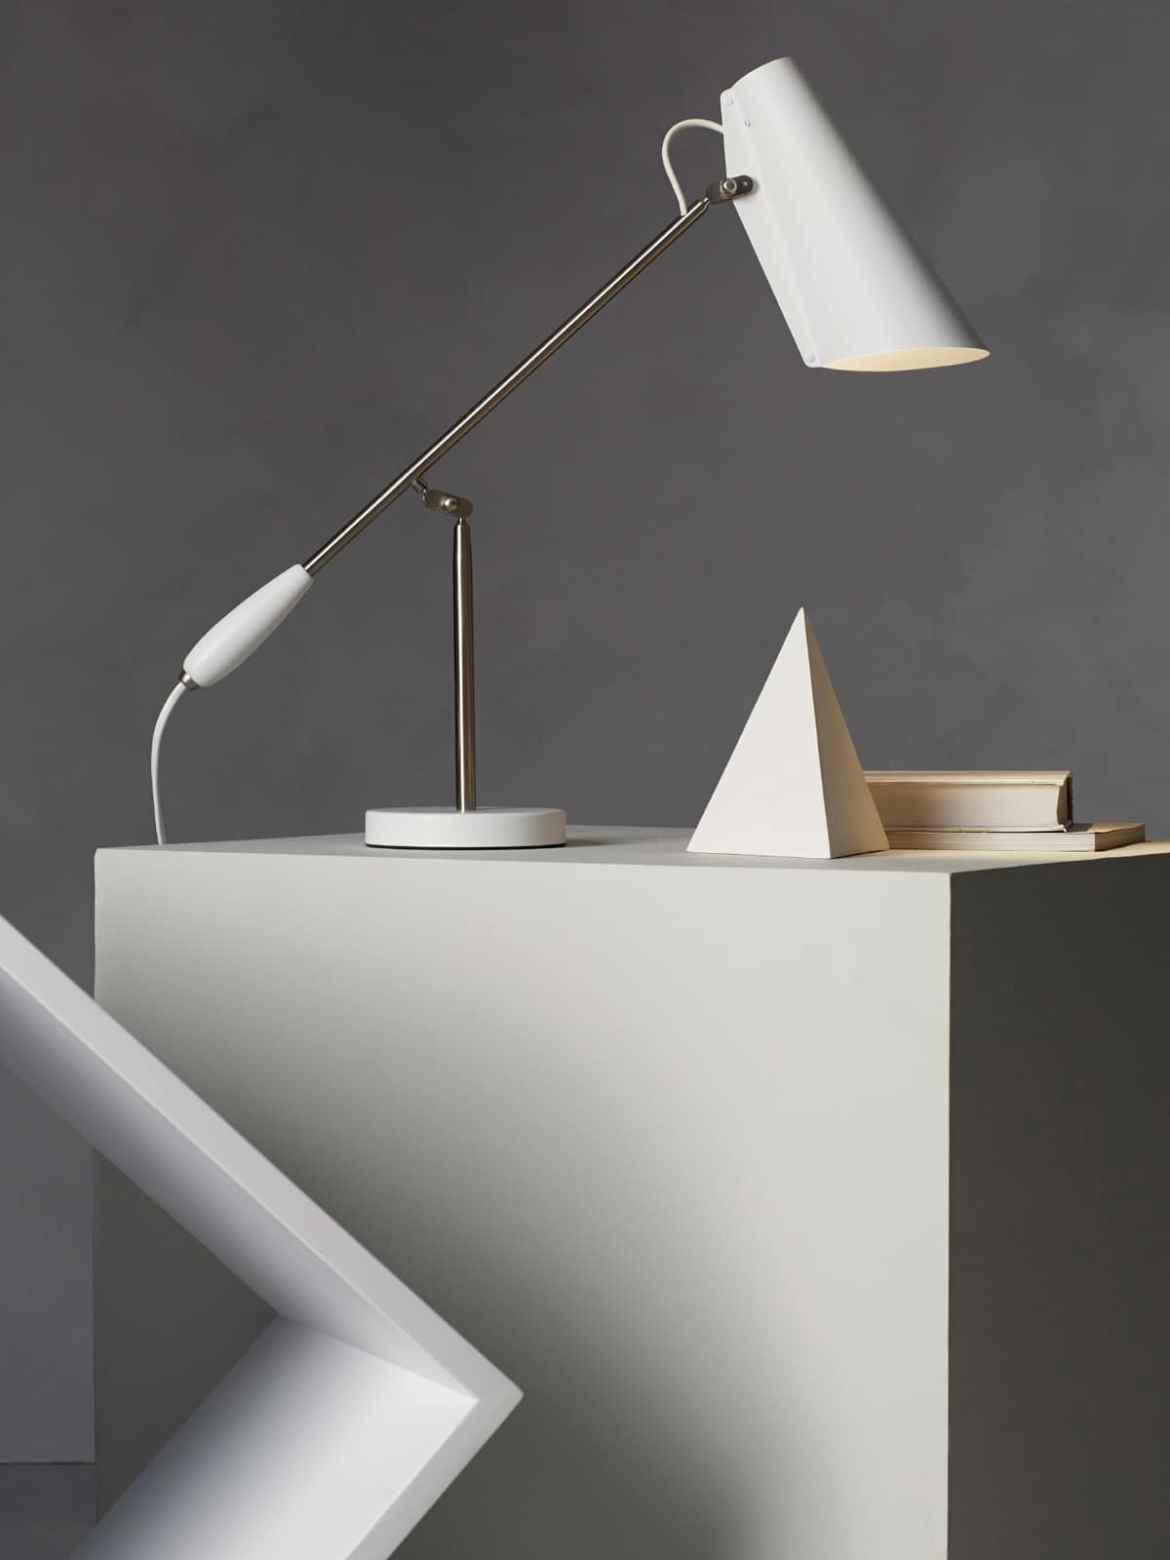 DesignOrt Blog: klassische Designerleuchten Birger Dahl Birdy Tischlampe